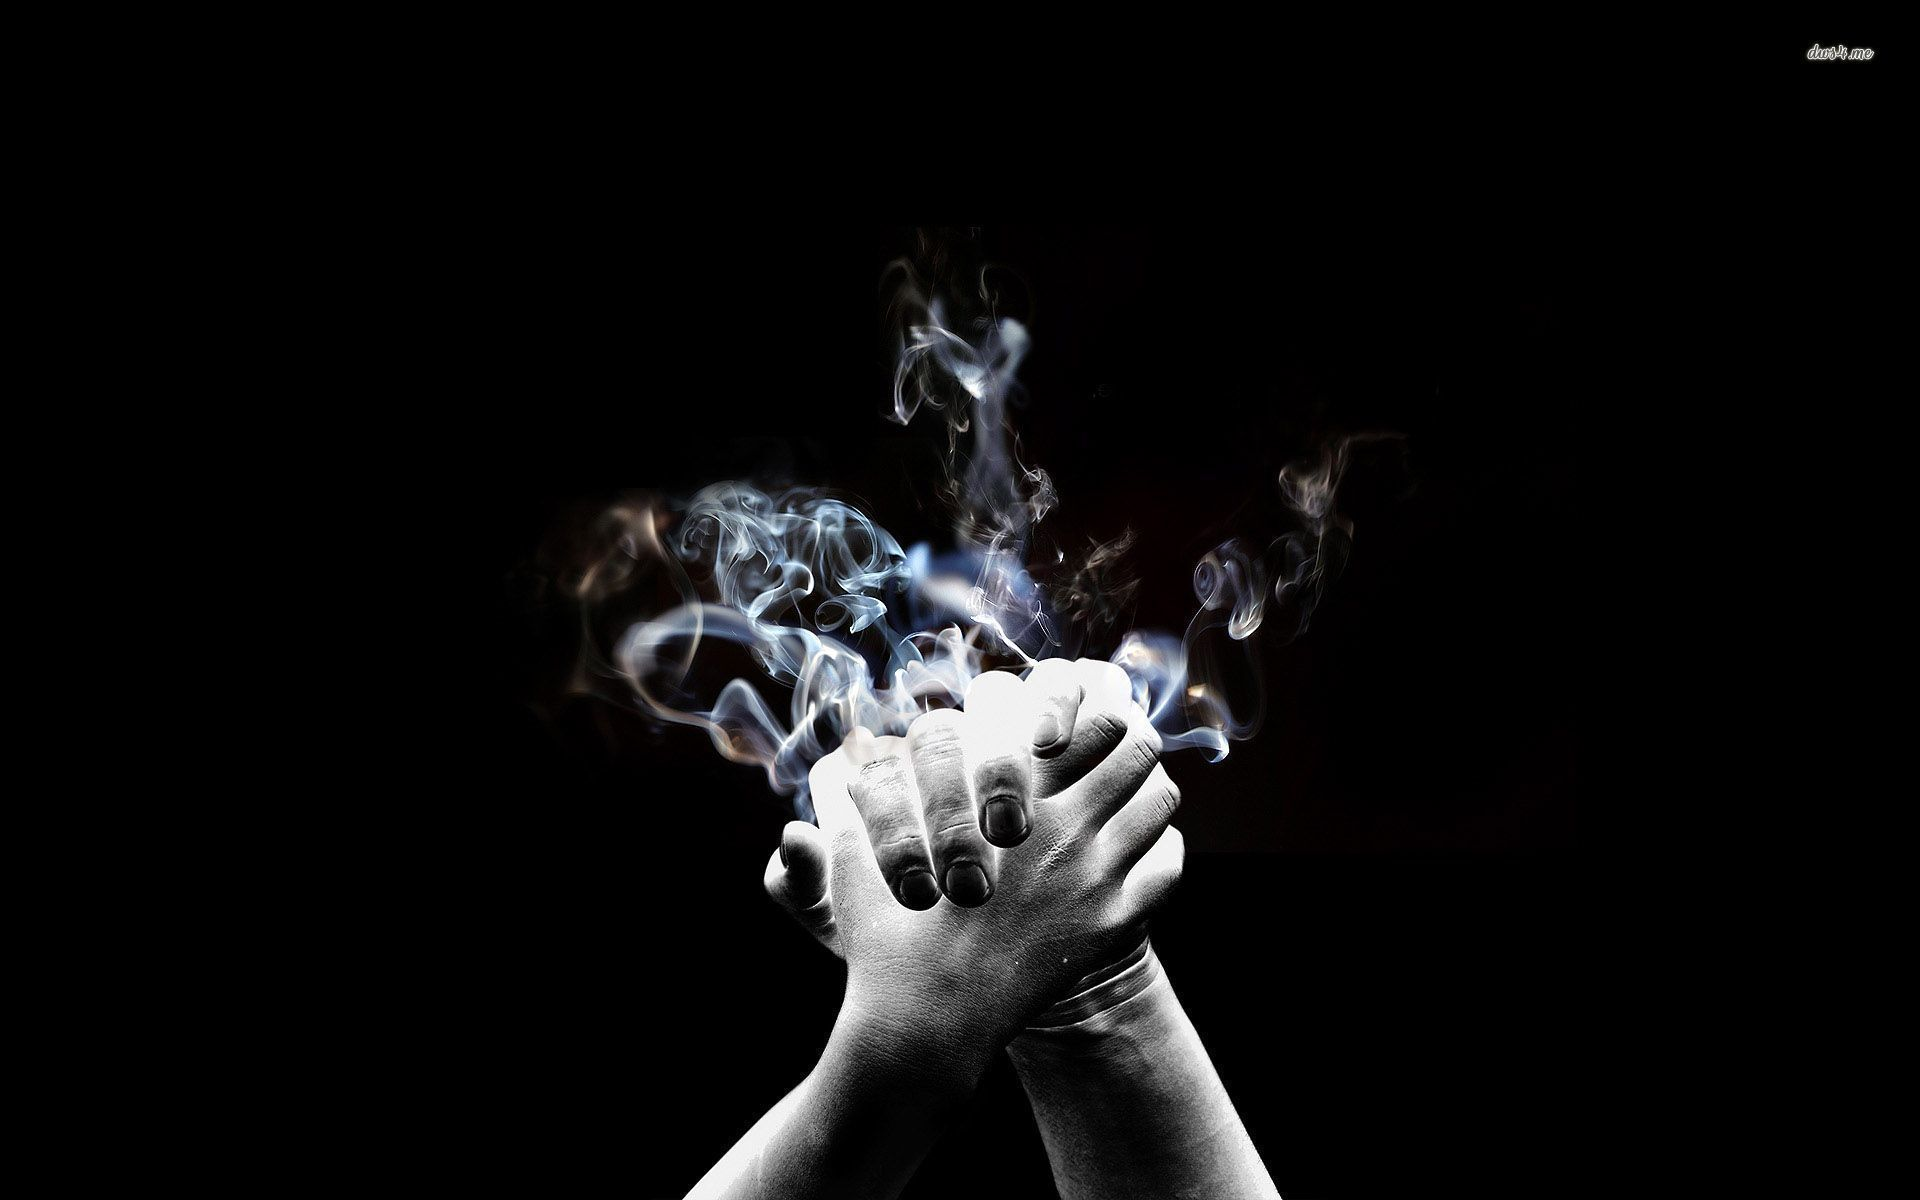 cigarette smoke wallpaper - sf wallpaper